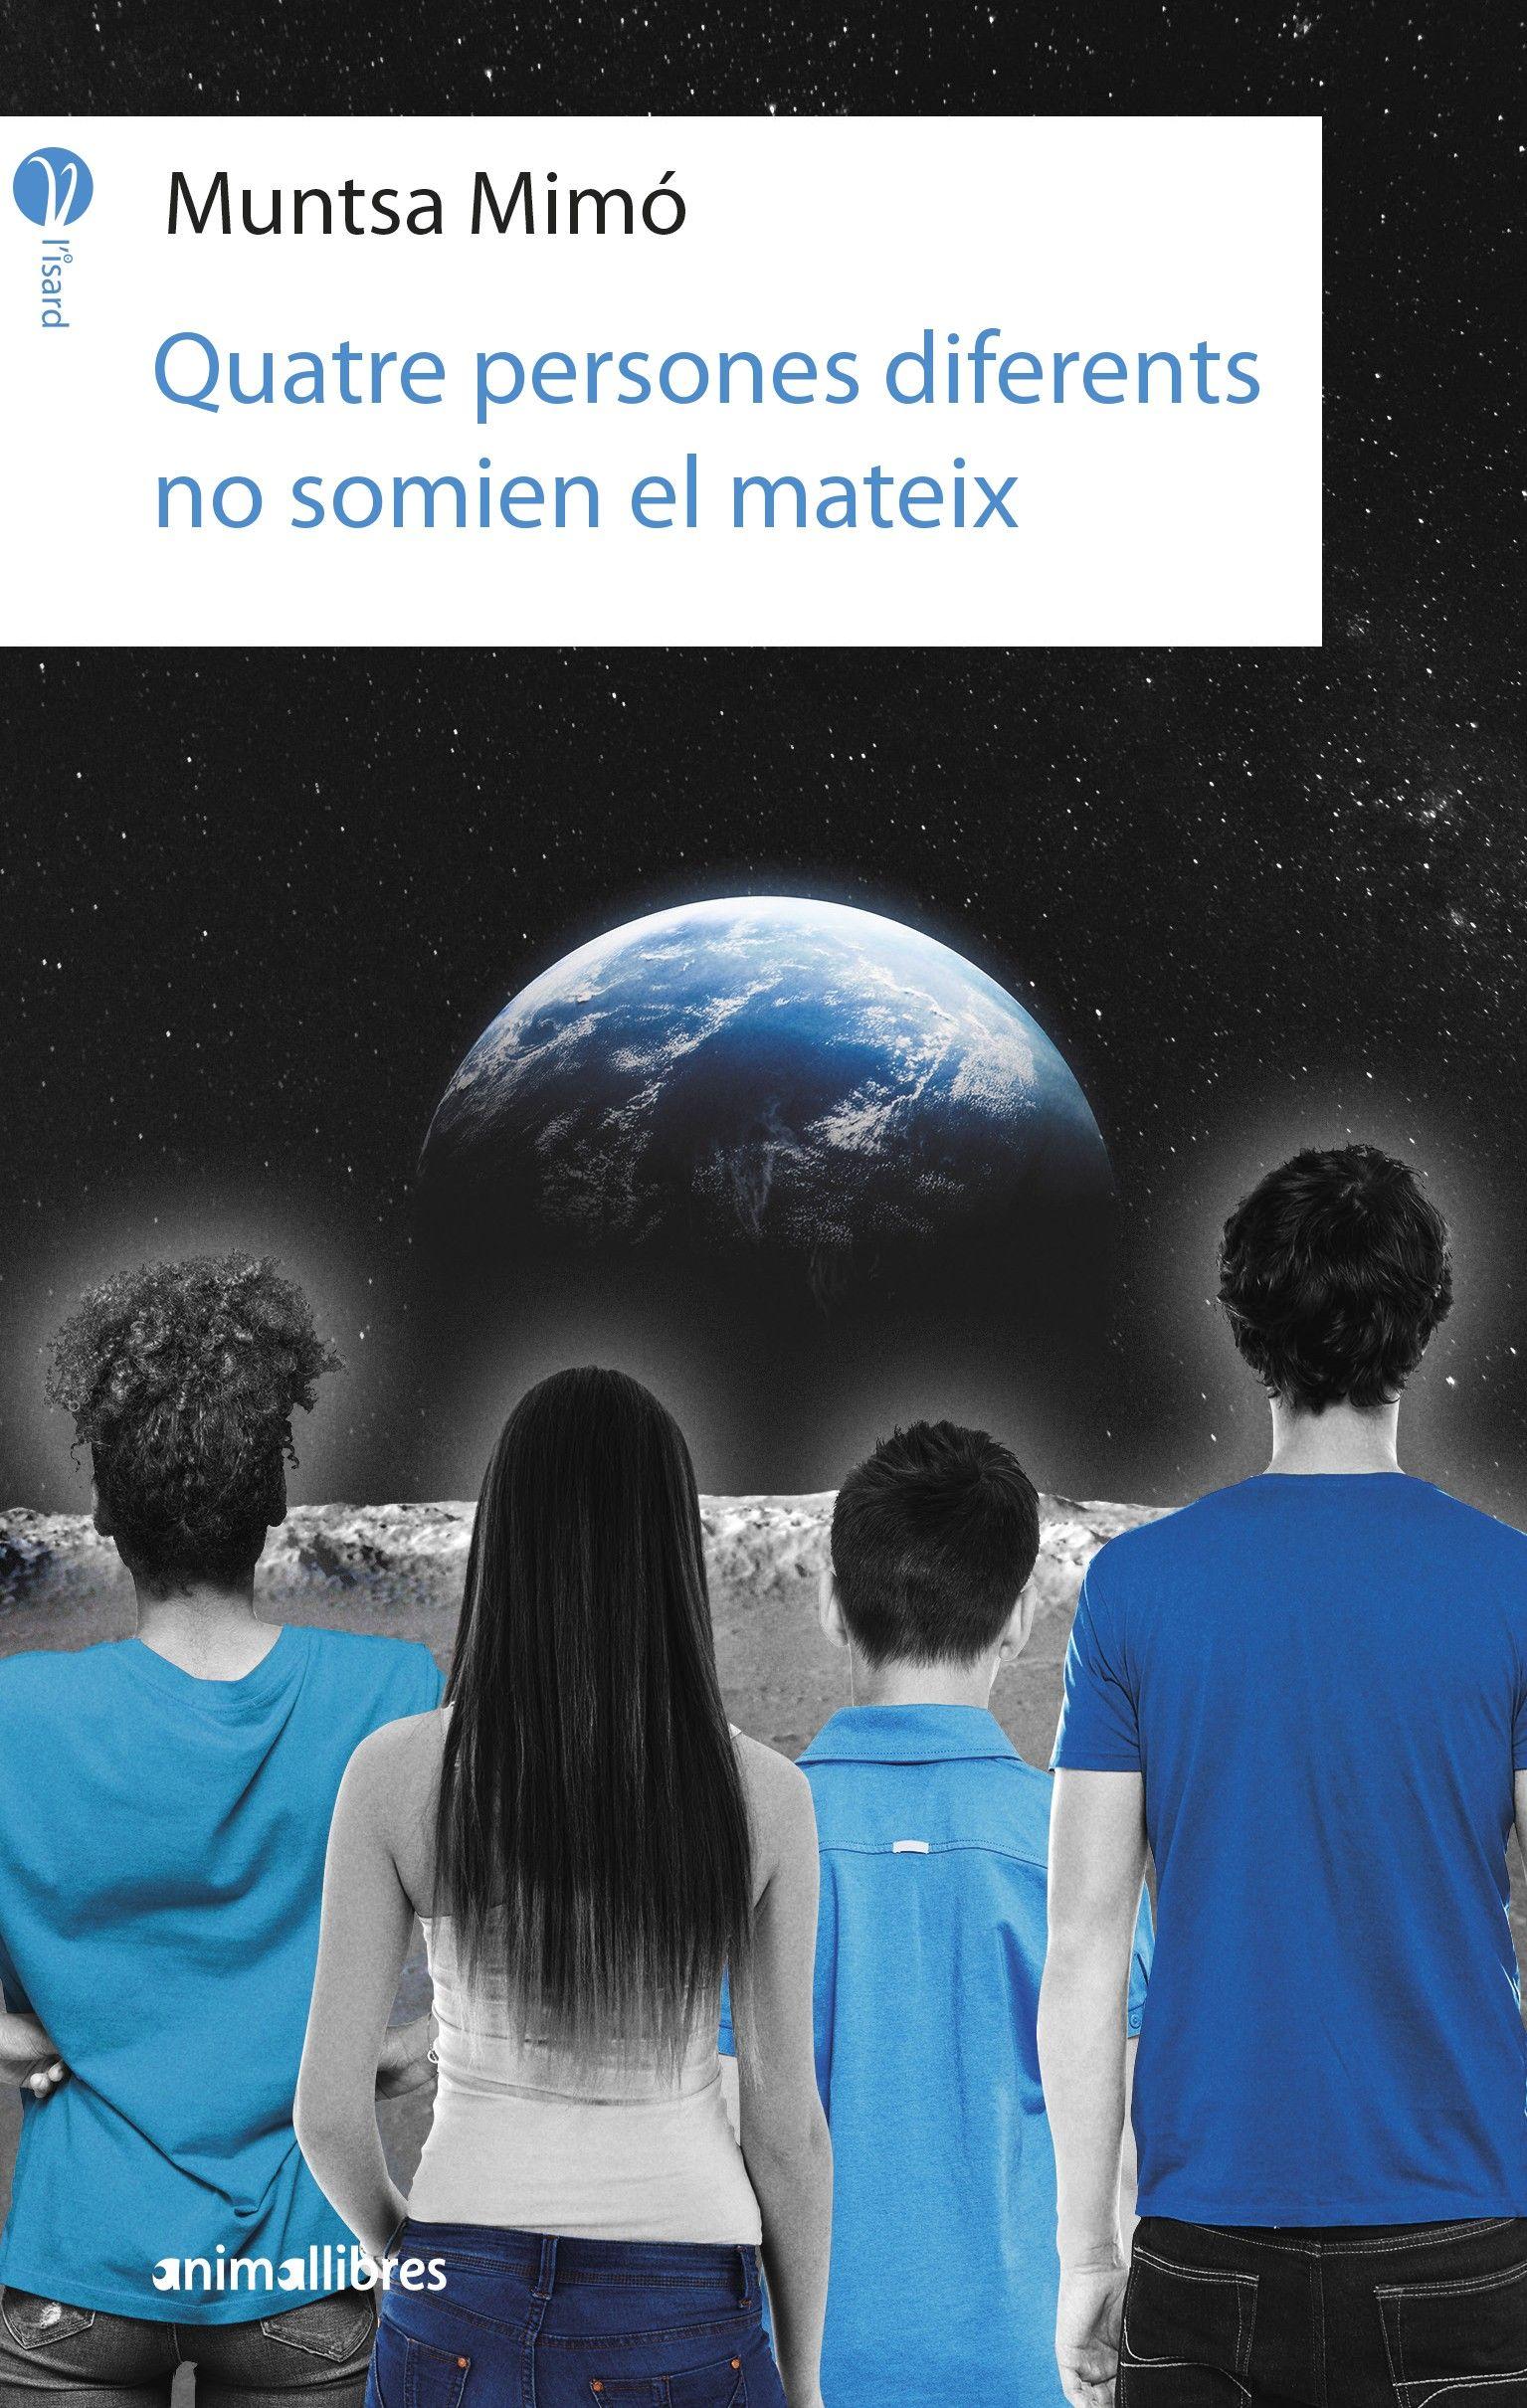 QUATRE PERSONES DIFERENTS NO SOMIEN EL MATEIX